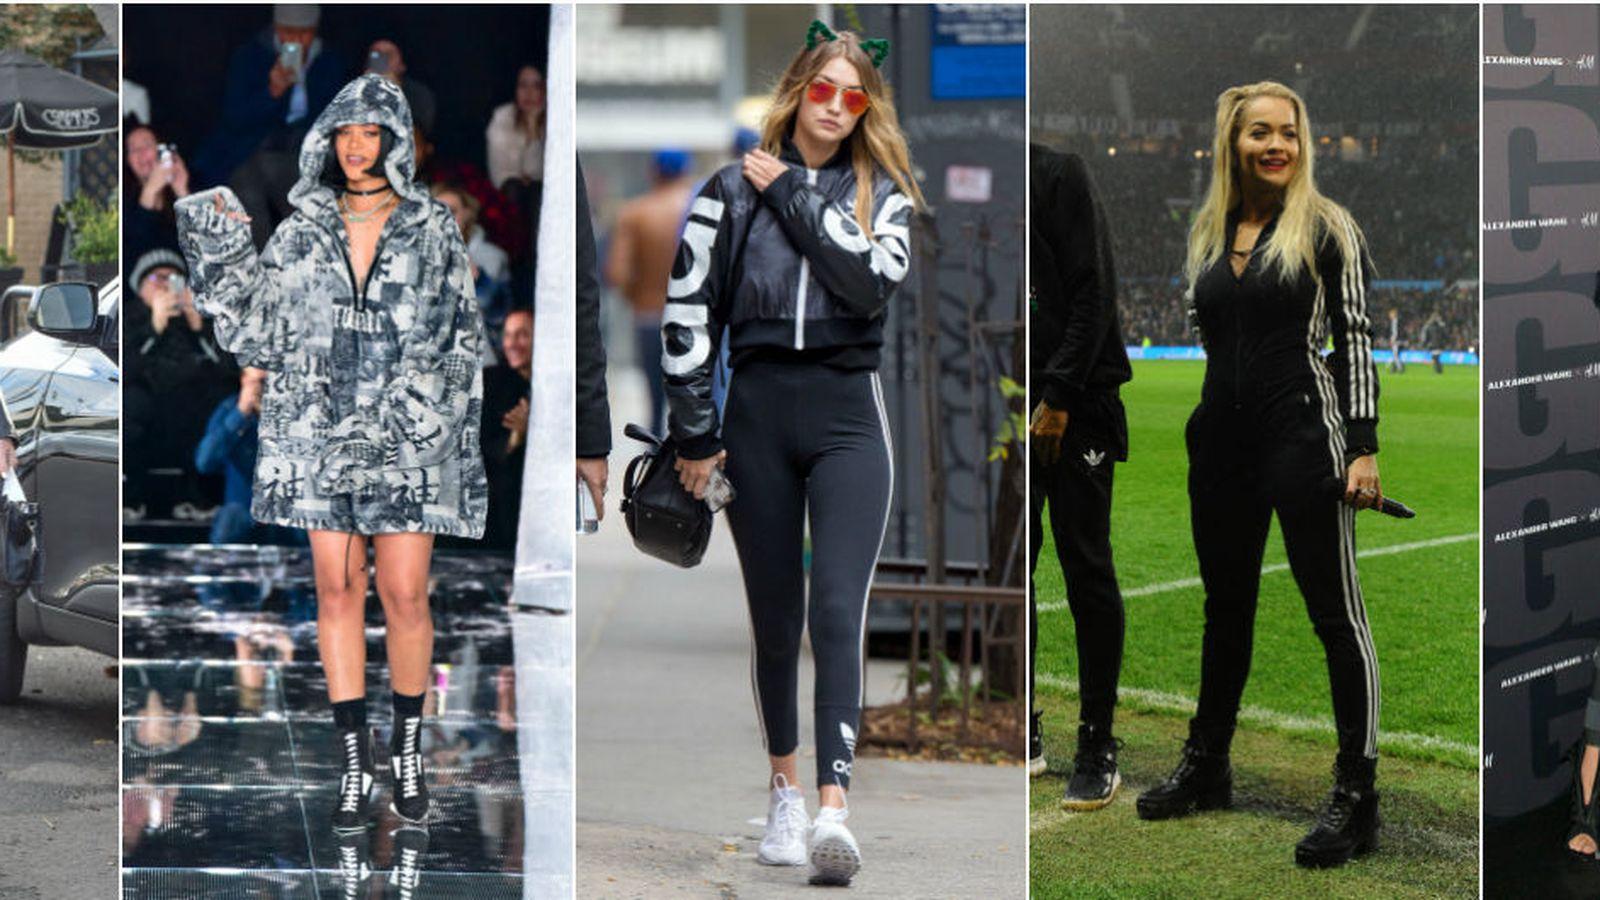 49f0ec4117 La Alta Costura se lanza a la conquista de la ropa deportiva  llega el  athleisure